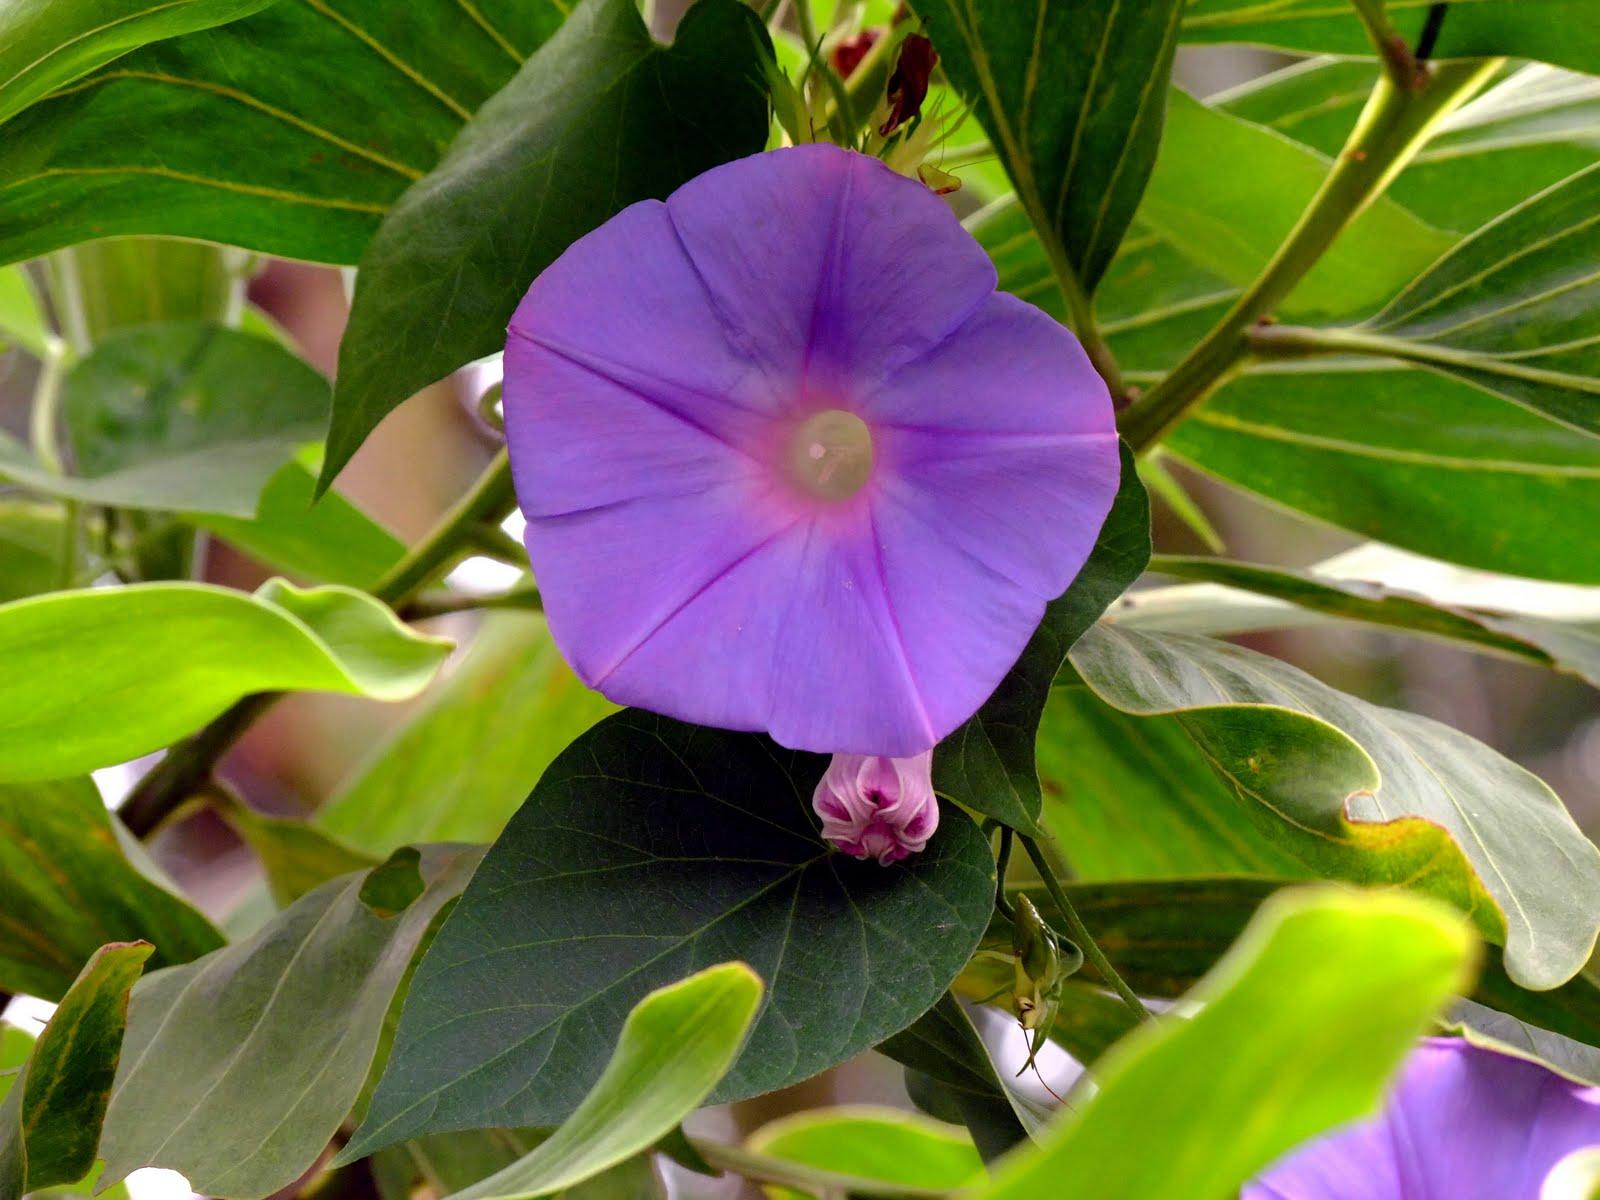 Ảnh đẹp hoa bìm bịp màu tím